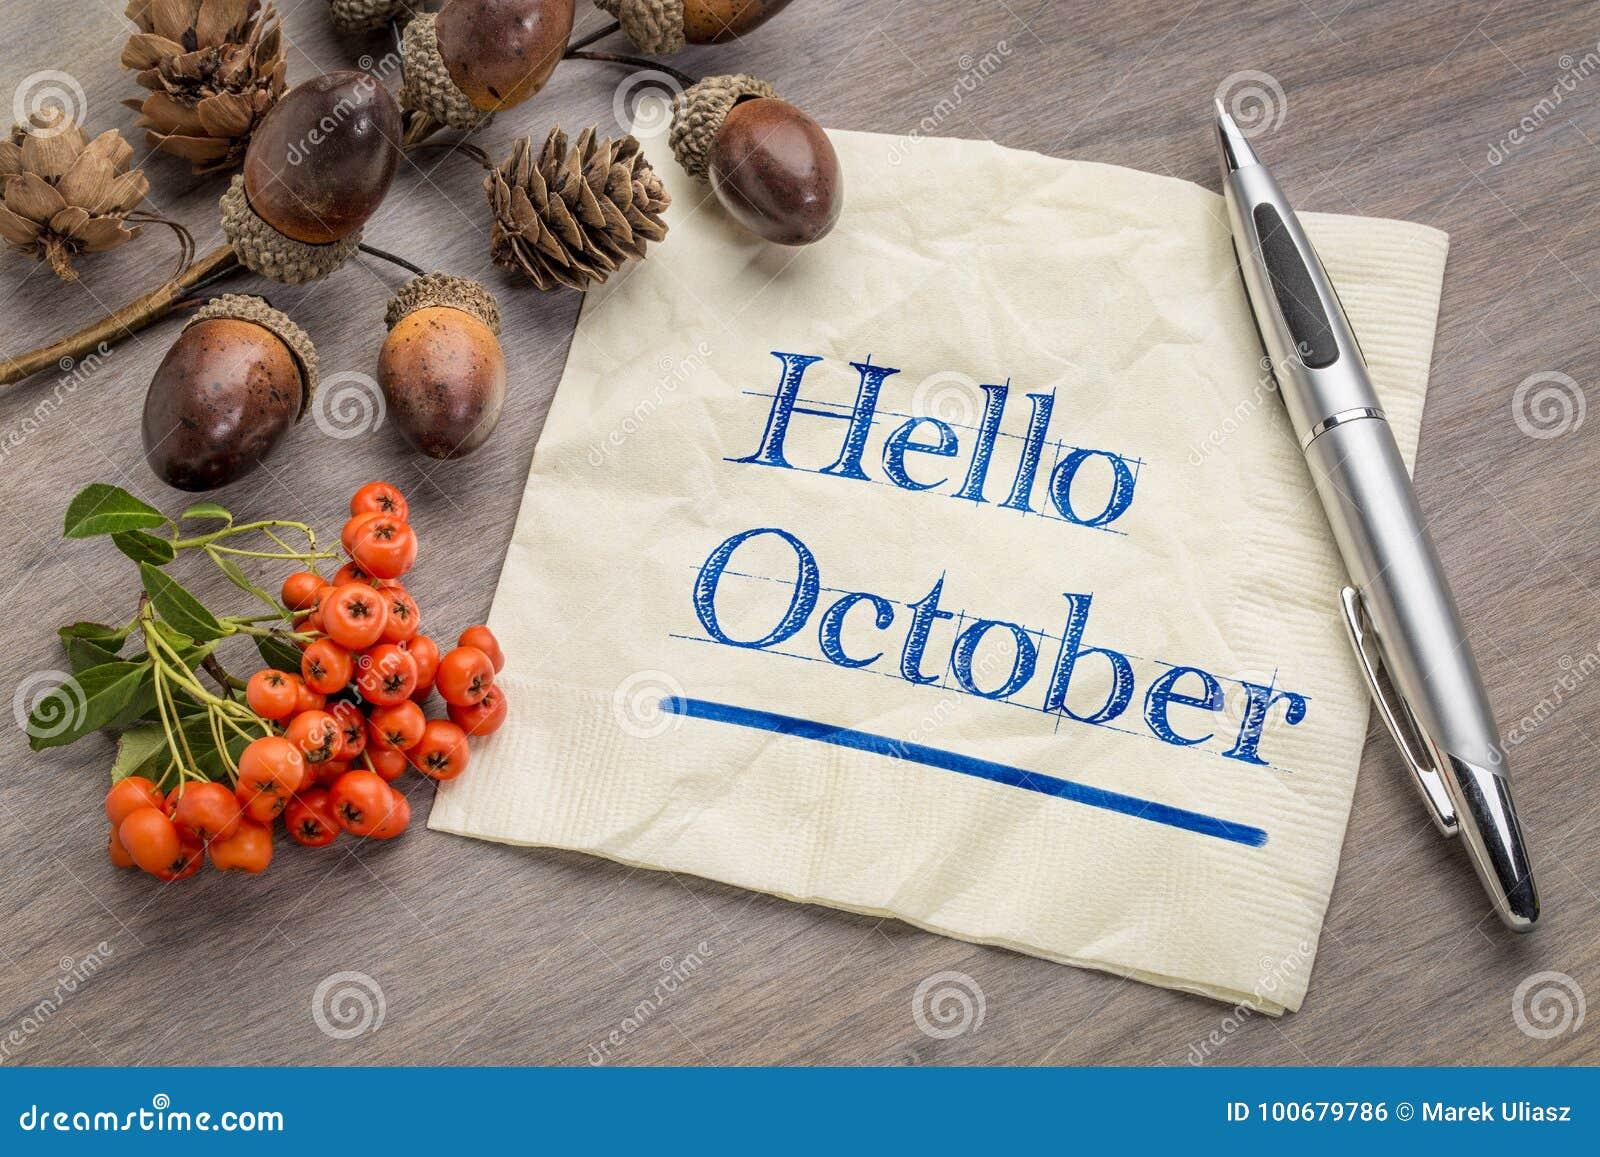 Bonjour octobre sur la serviette